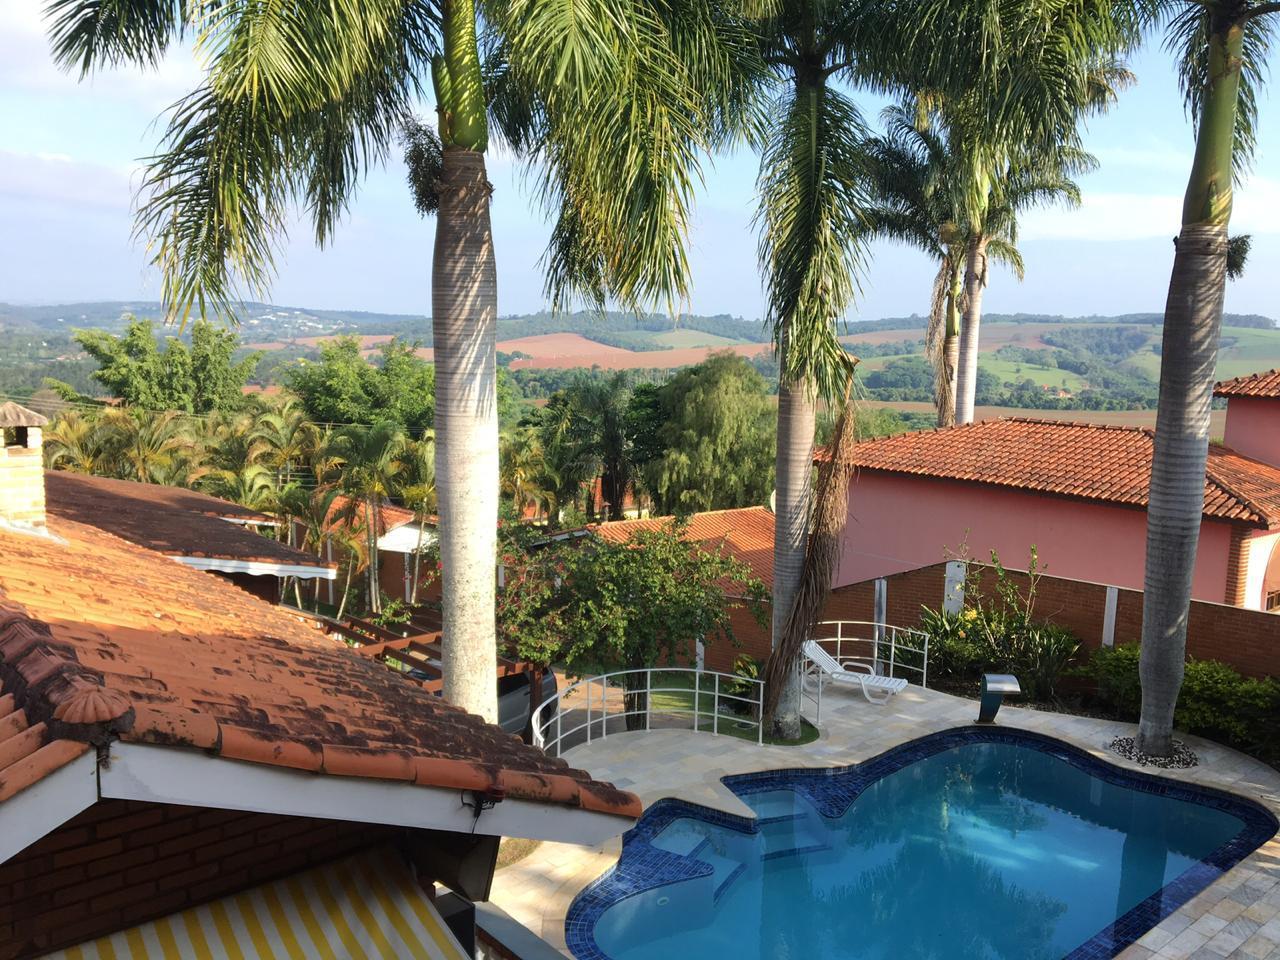 Chácara de estilo com 5 dormitórios à venda, 1000 m² por R$ 980.000 - Terras de San Marco - Itatiba/SP